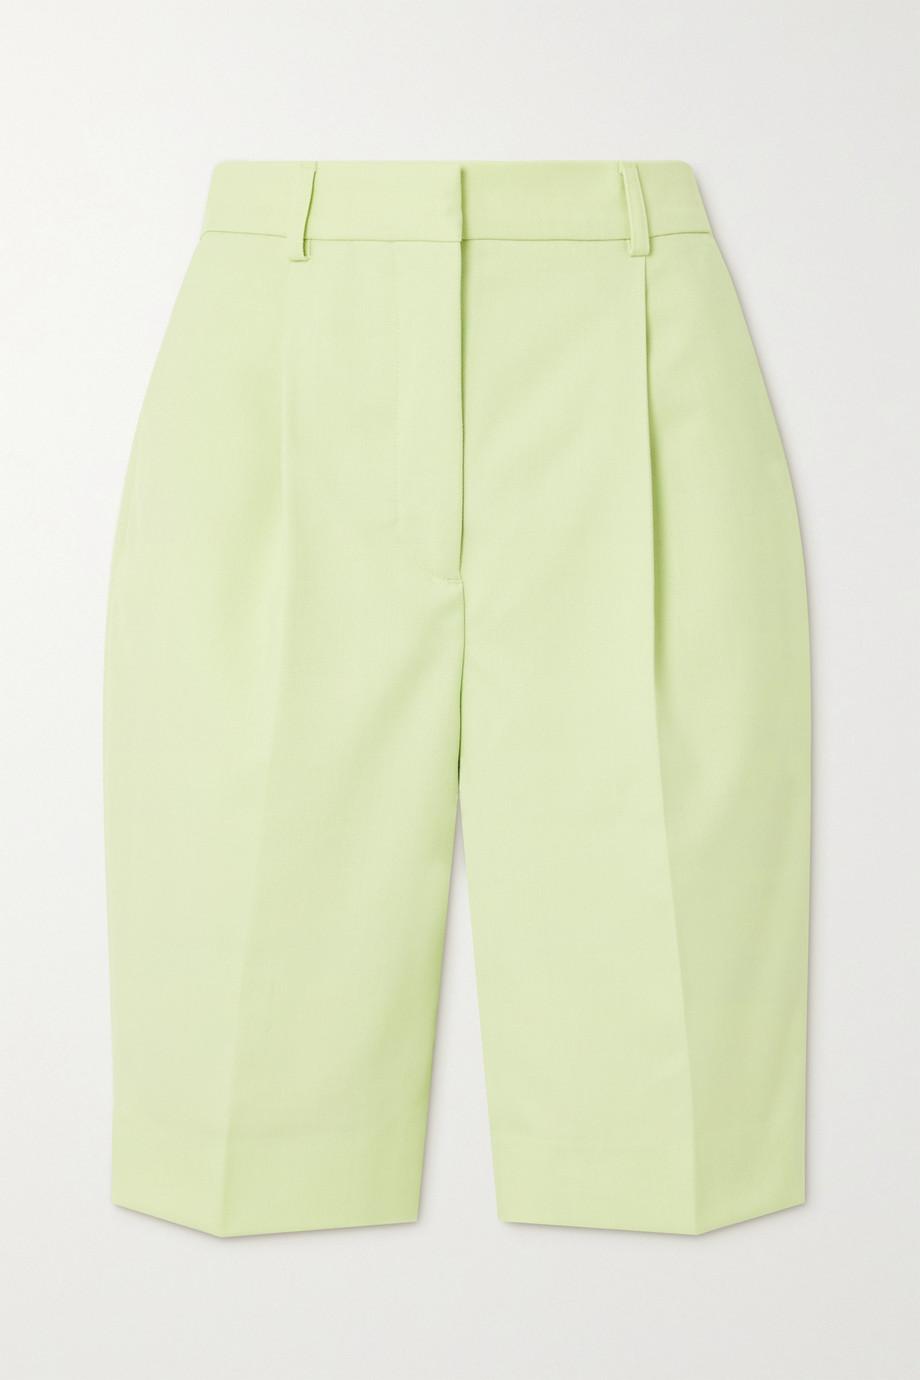 Acne Studios Woven shorts